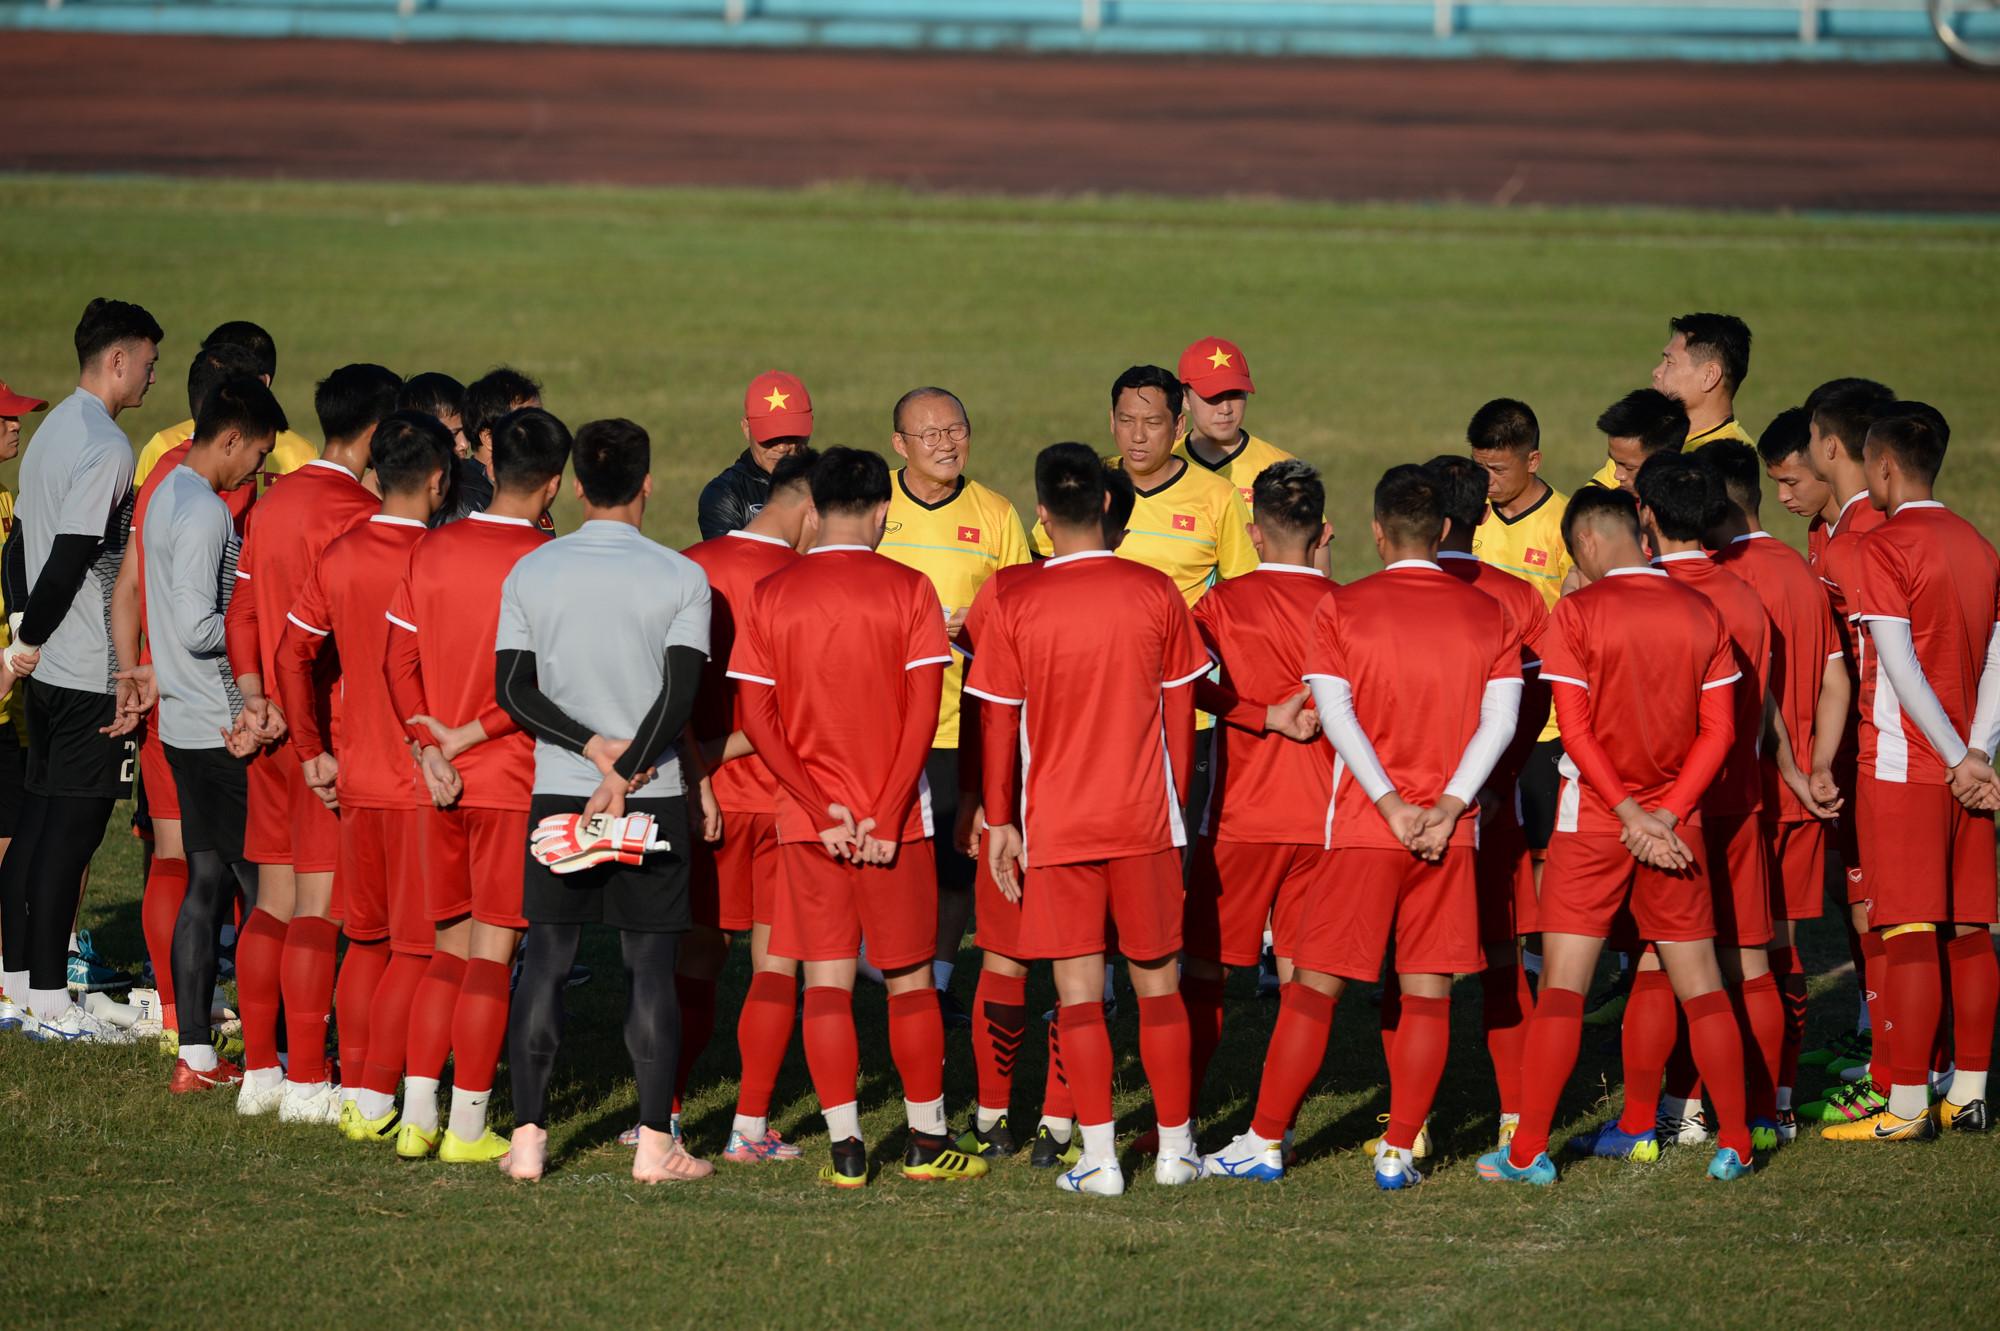 Tuyển Việt Nam tập chung sân với người dân đi tập thể dục Ảnh 2